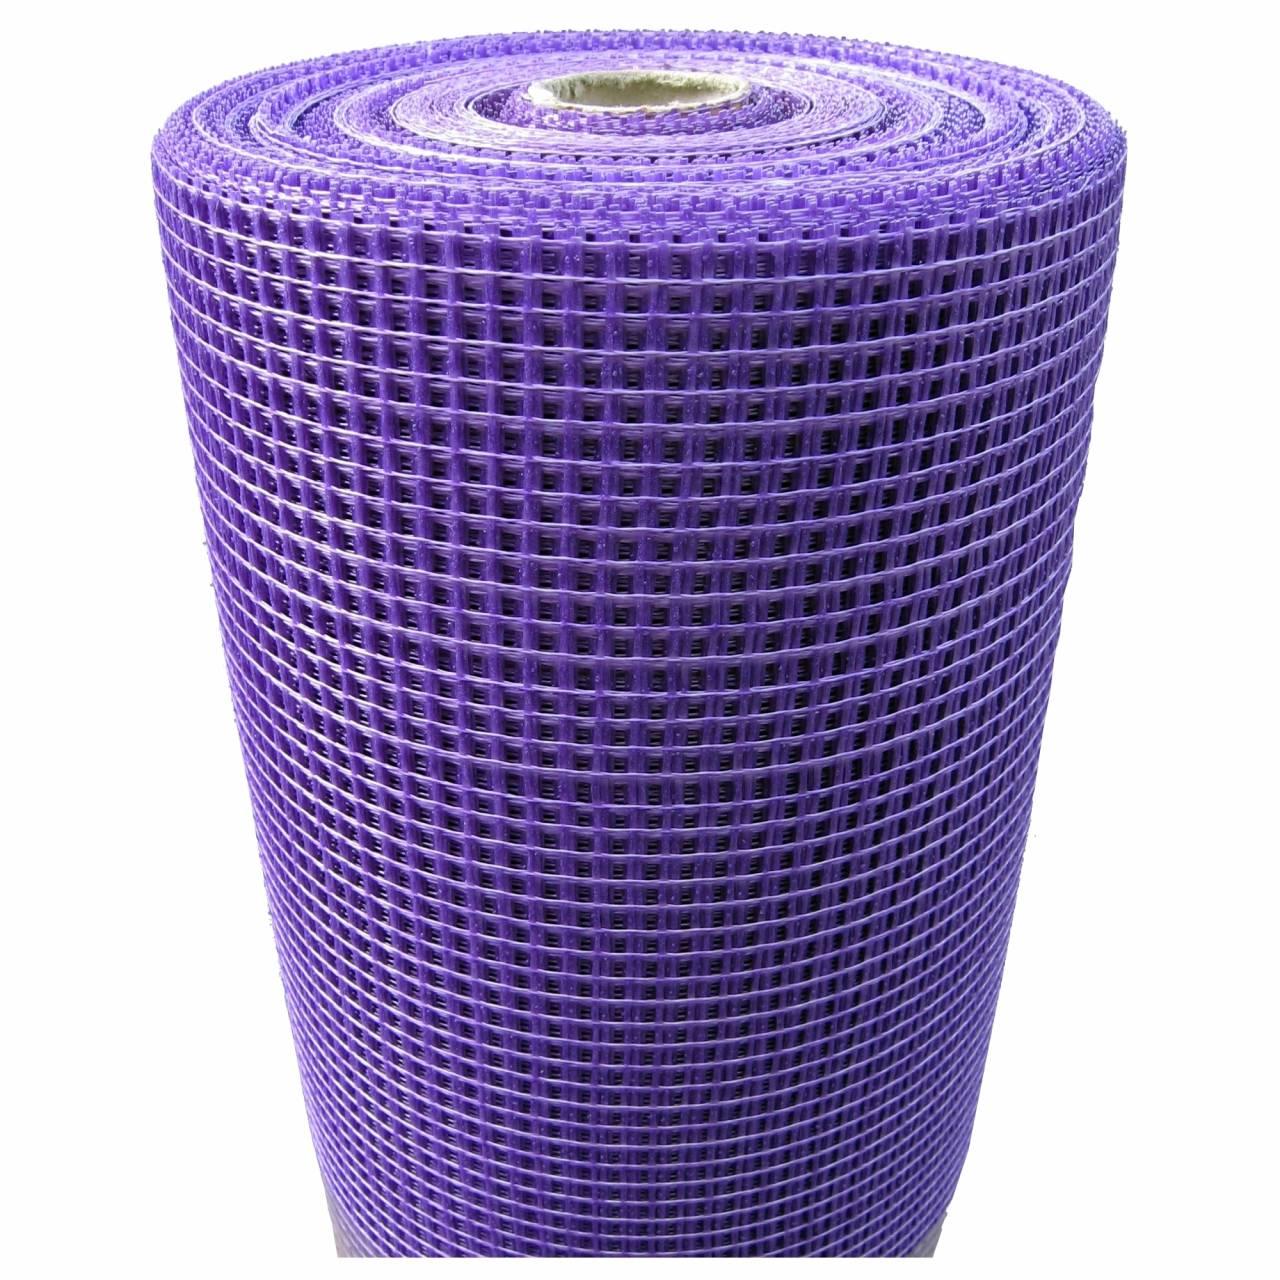 Universalputzgewebe 7 x 7 violett / Rolle 1,0 x 100 m